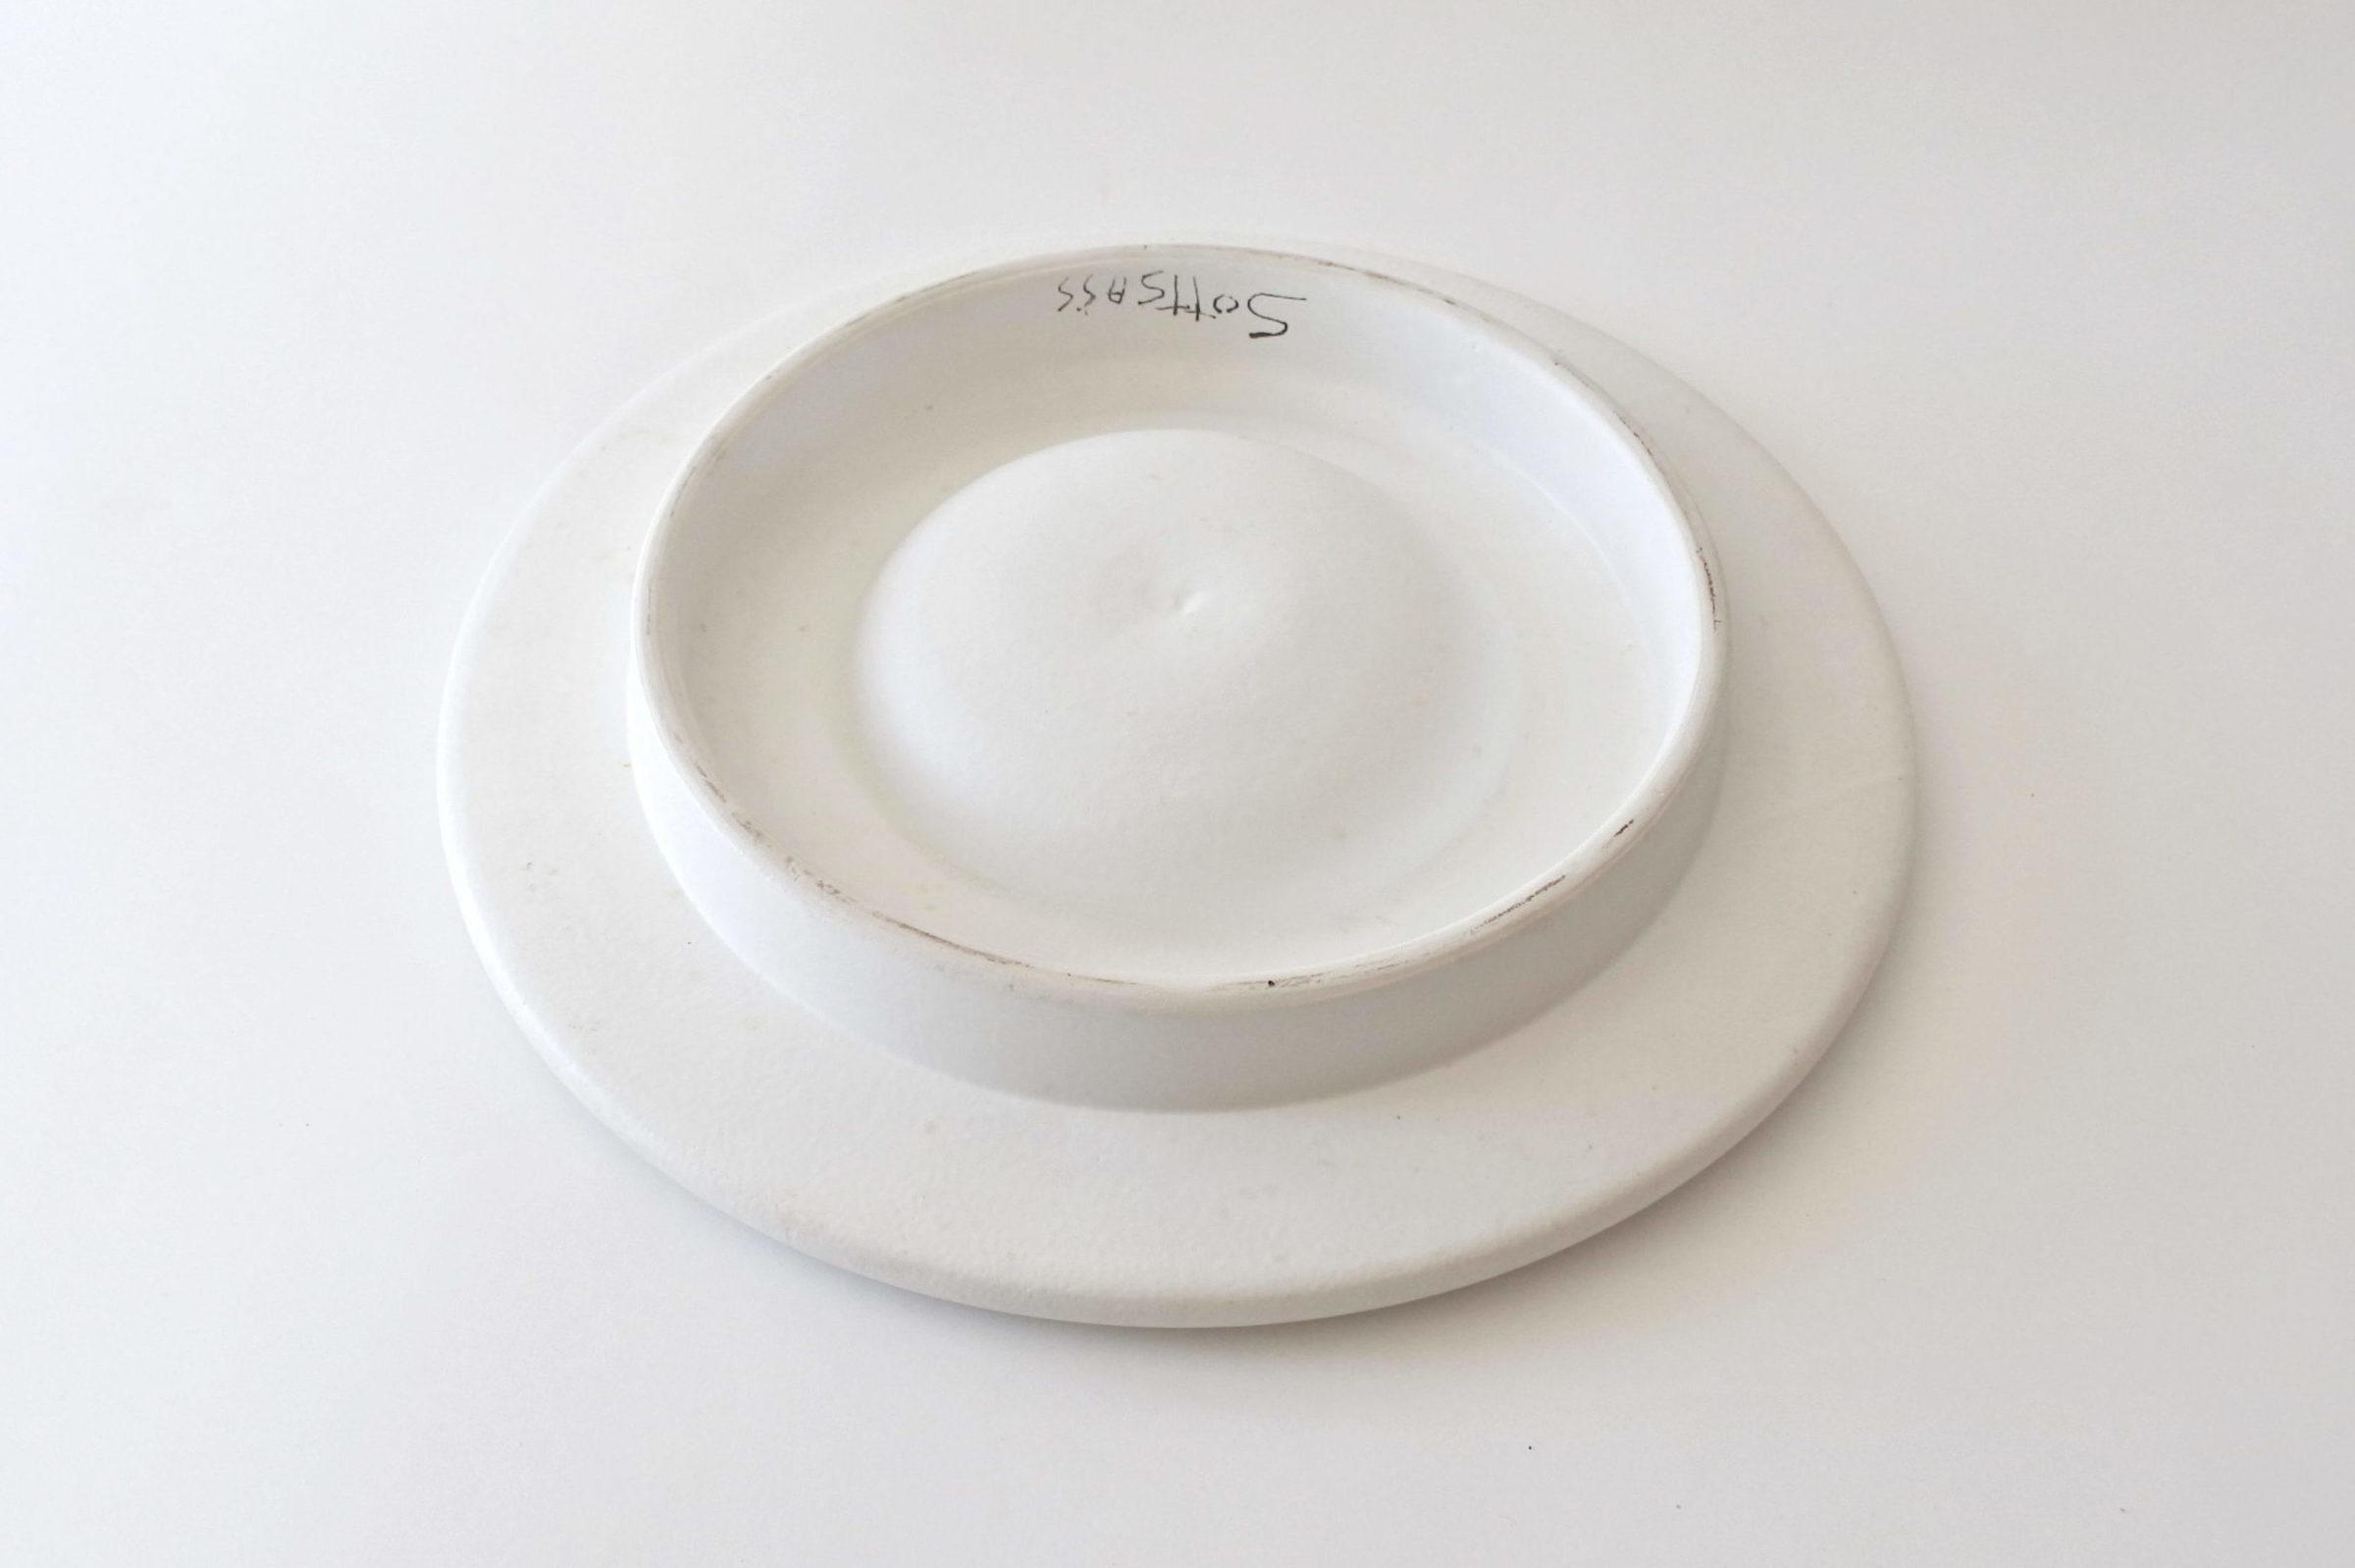 Centro tavola in ceramica bianca - Ettore Sottsass per ceramiche Bitossi - 3